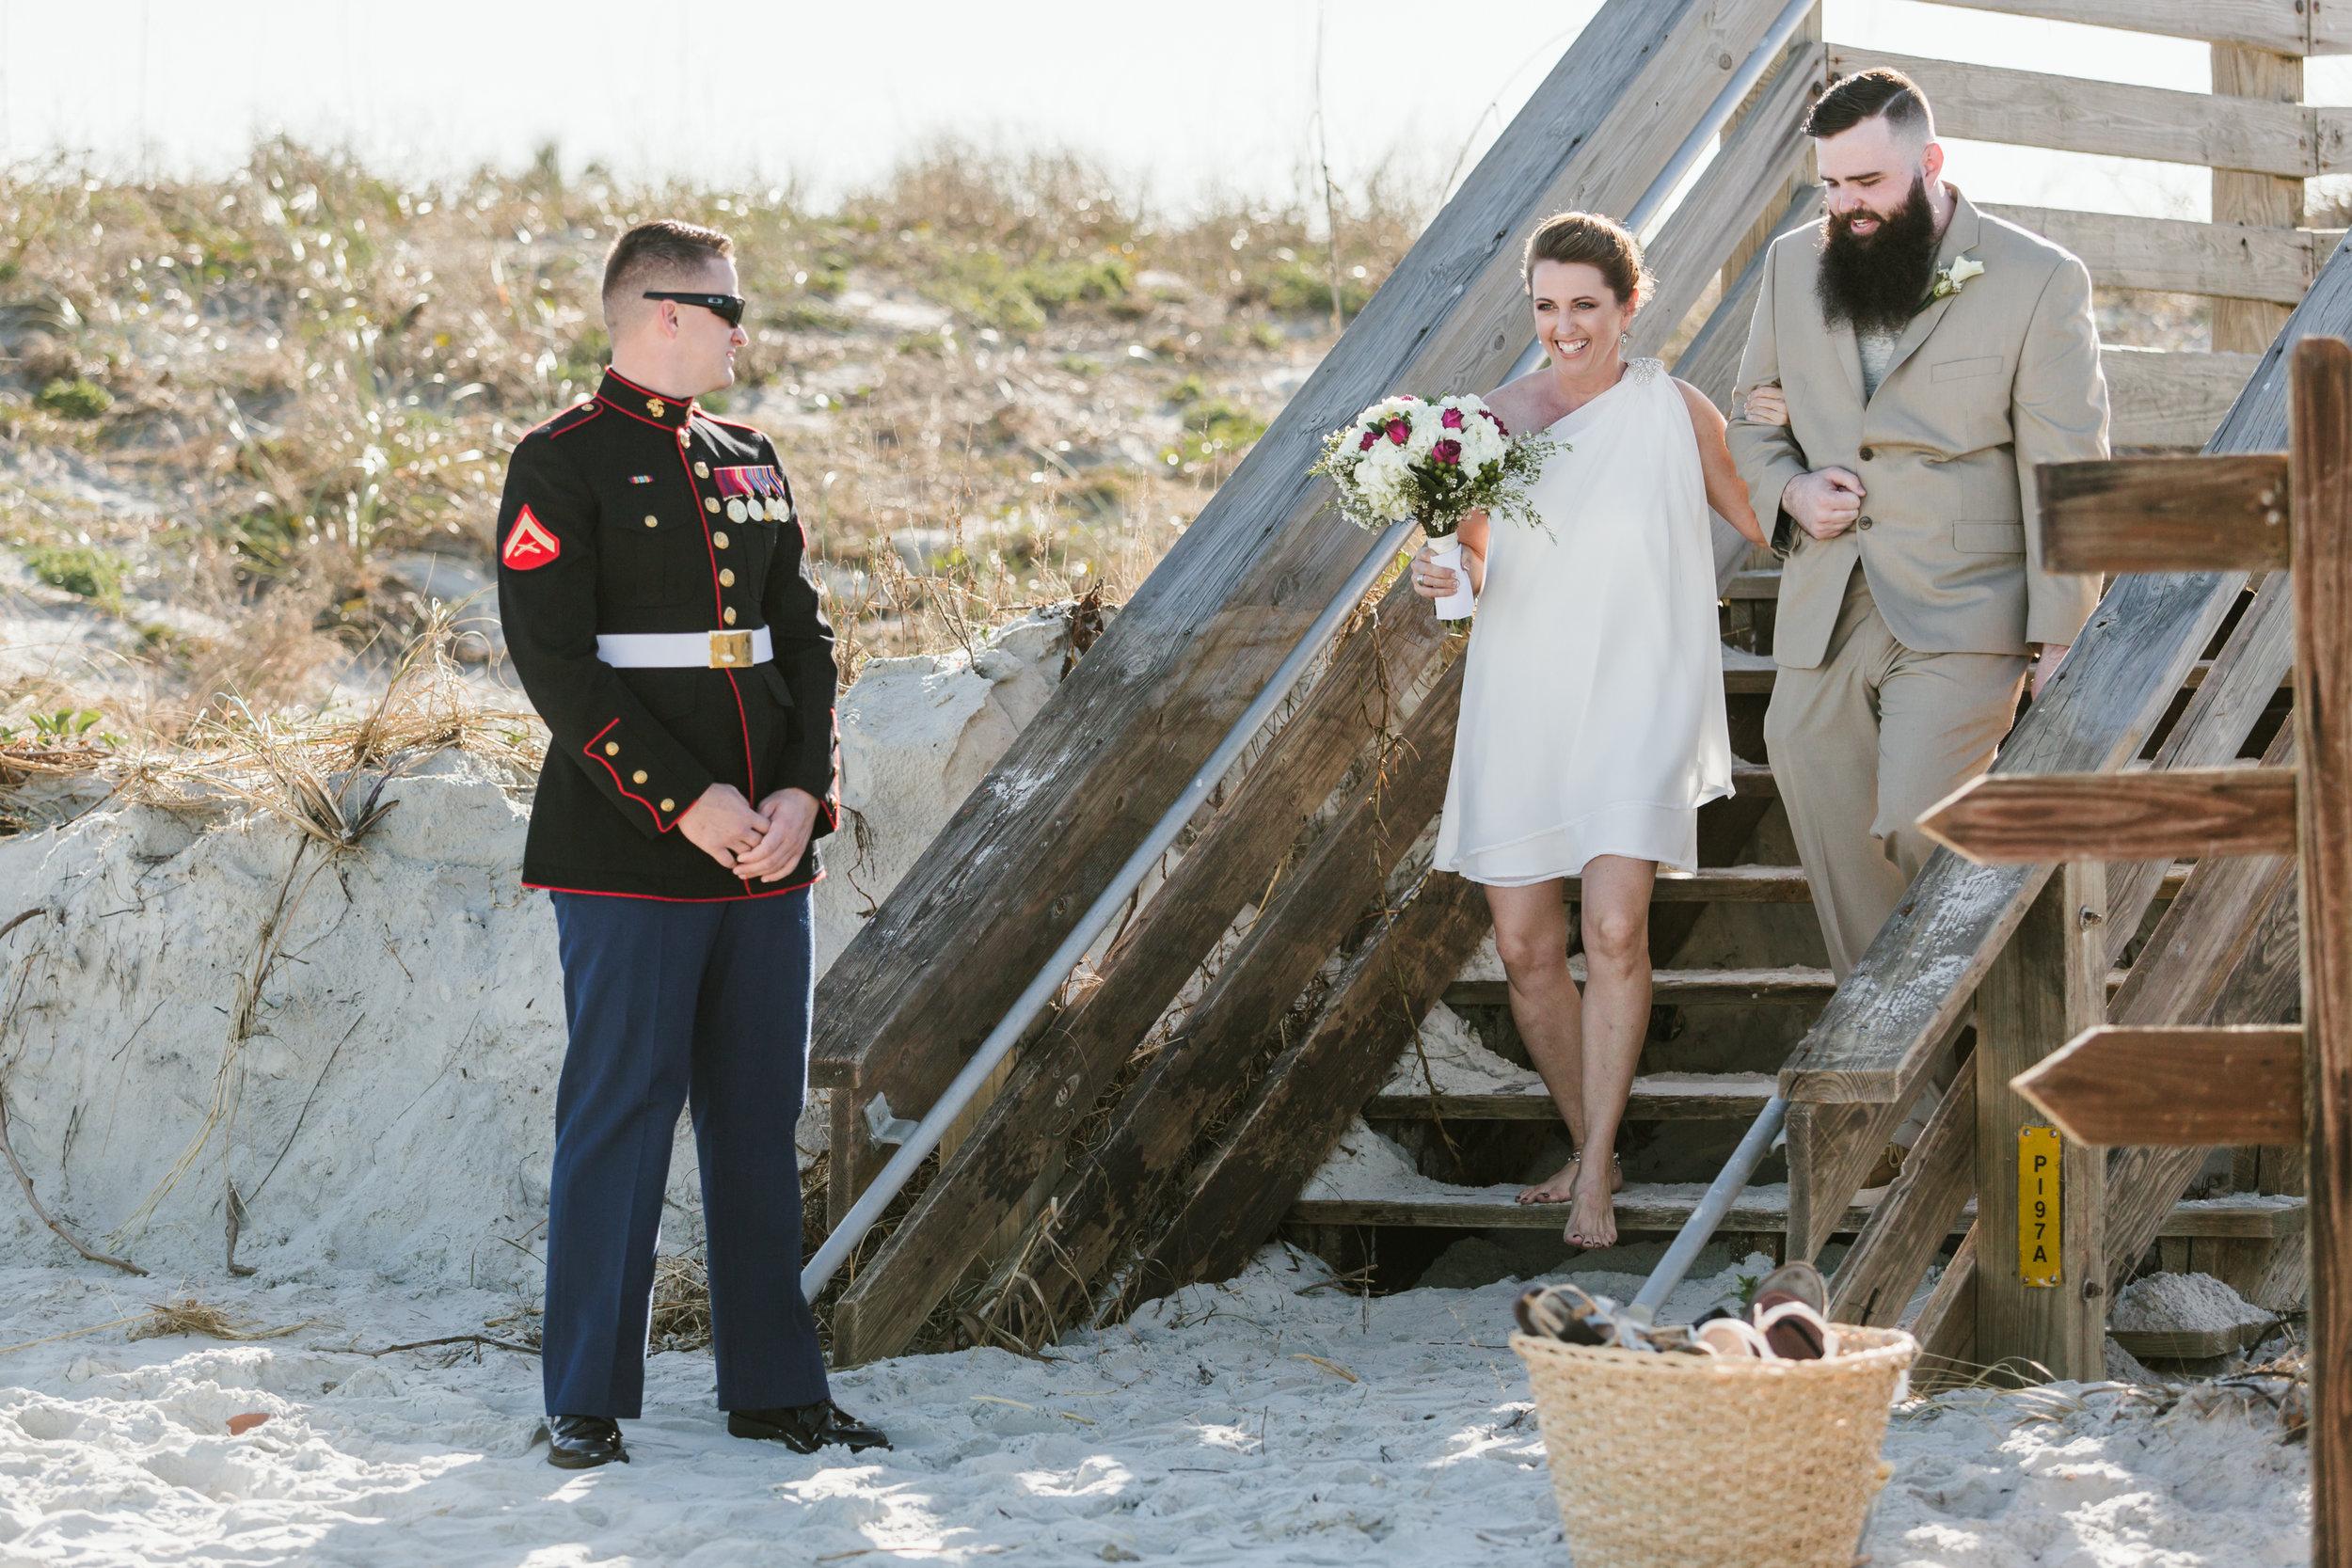 Violets & Seastars- November Ponce Inlet Wedding - Suzette & Dwight 43.jpg